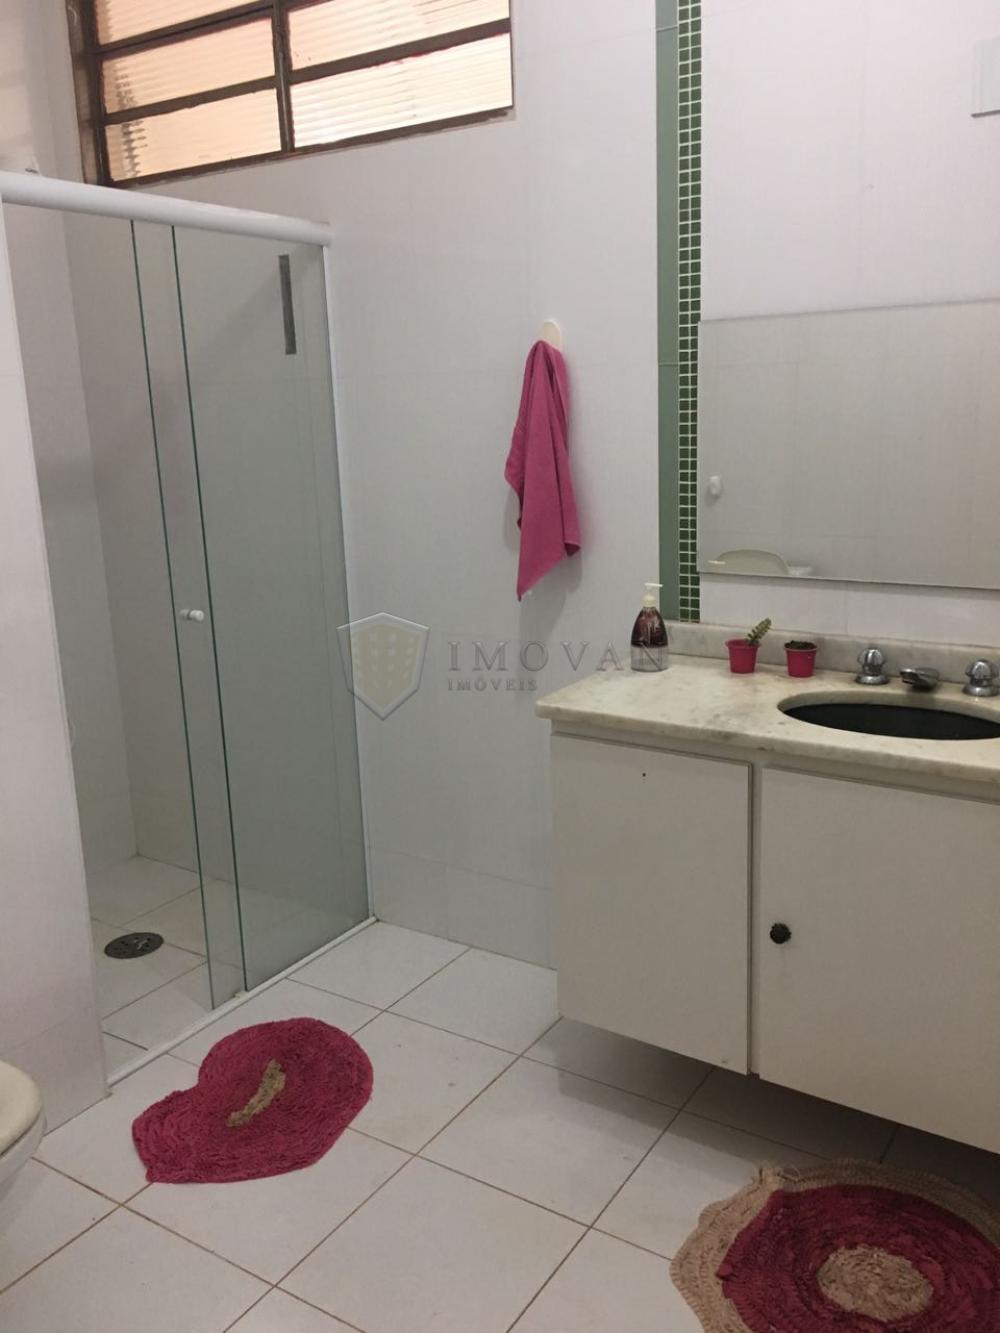 Alugar Casa / Padrão em Ribeirão Preto R$ 5.500,00 - Foto 16